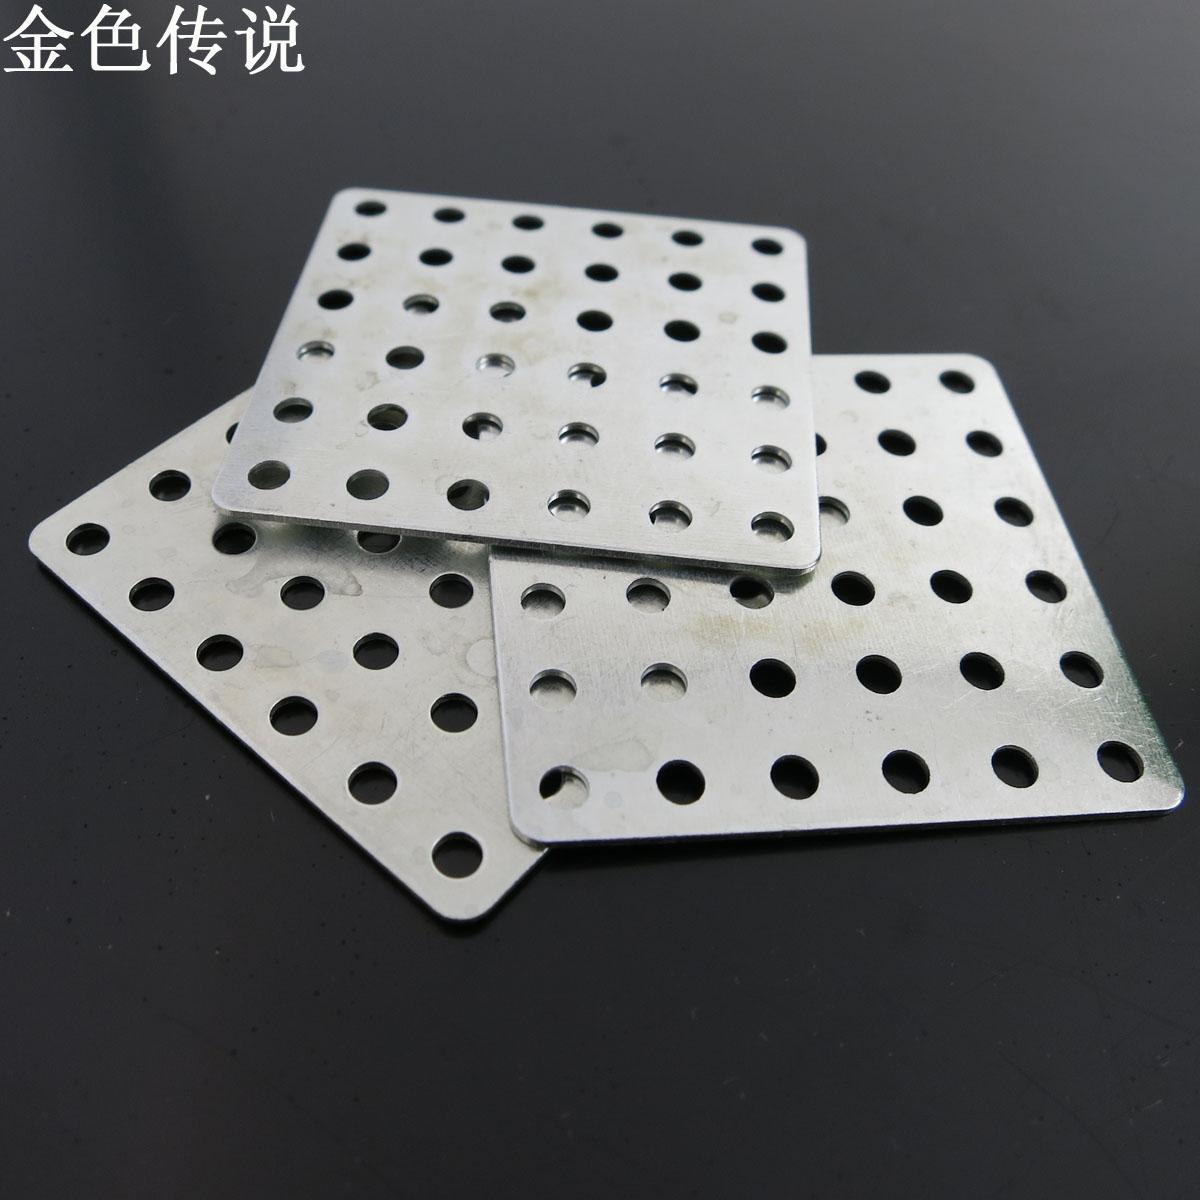 方铁片 减速箱材料 diy科技模型配件 遥控车设计自制玩具 连接件